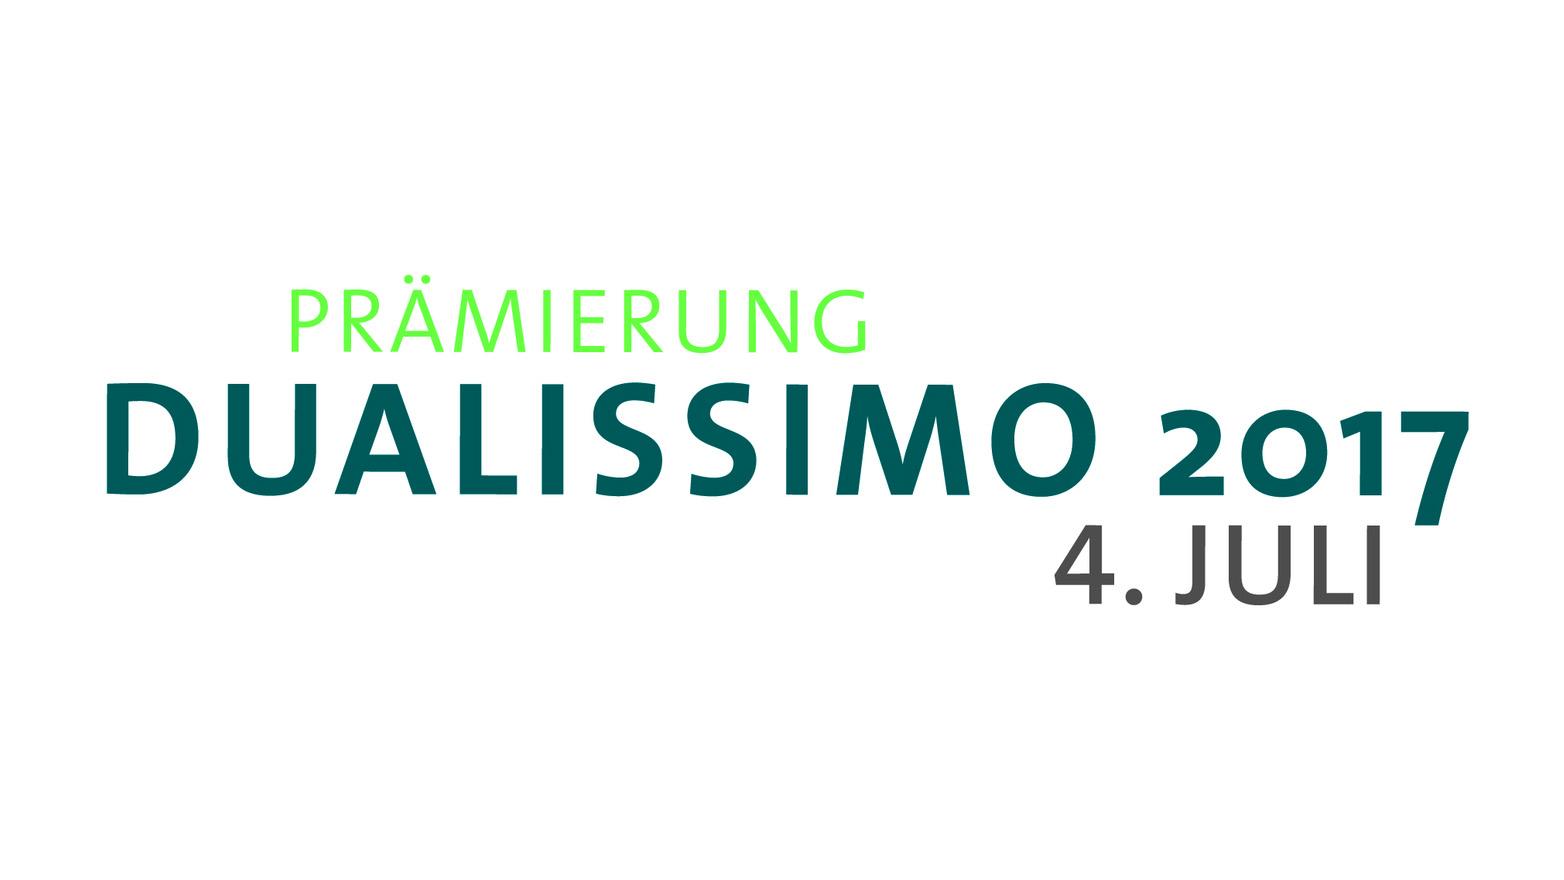 Dualissimo 2017- Bewerbungsphase gestartet!